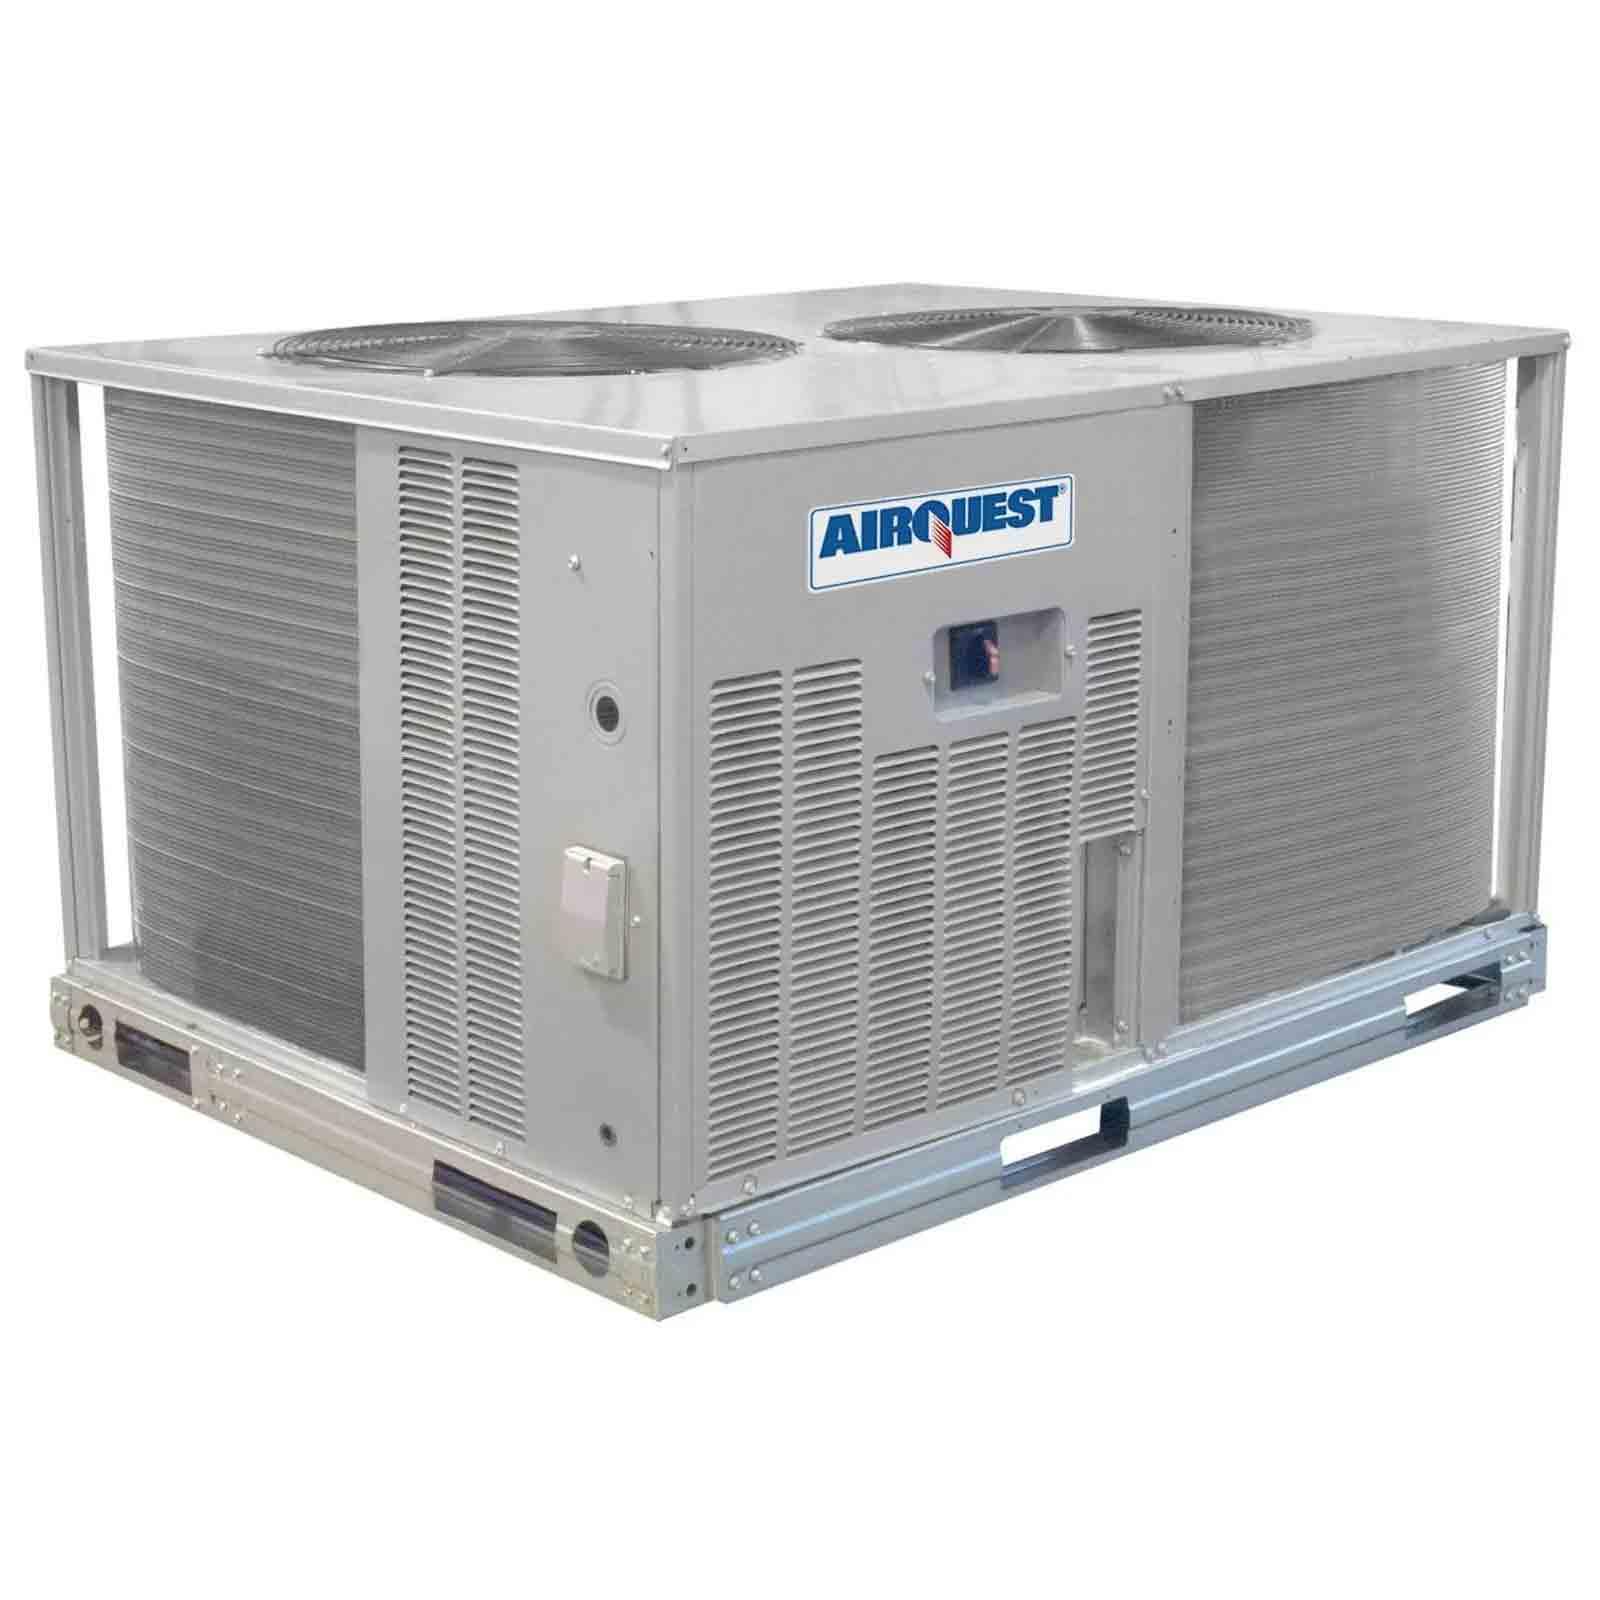 AirQuest Commercial HVAC Units